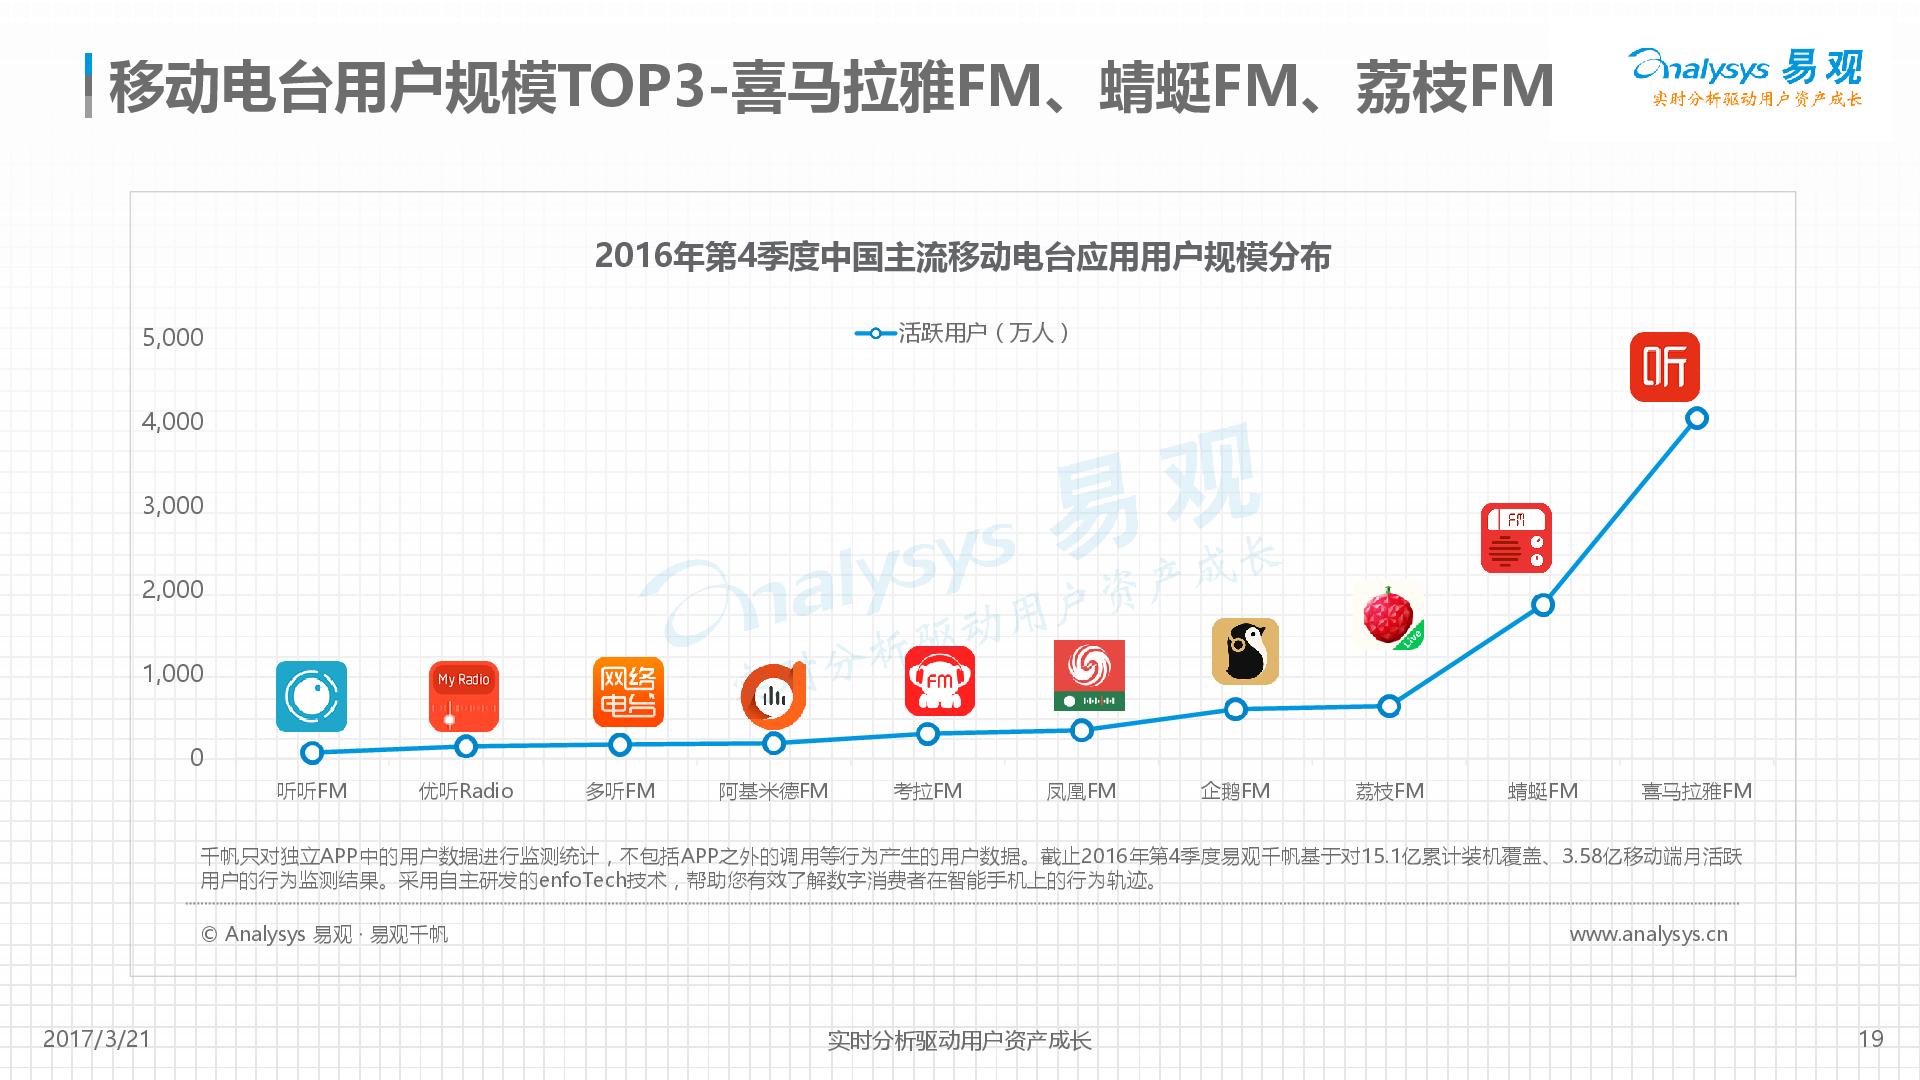 1490086729160中国移动音频行业年度综合分析2017-V5_32569_19.jpg